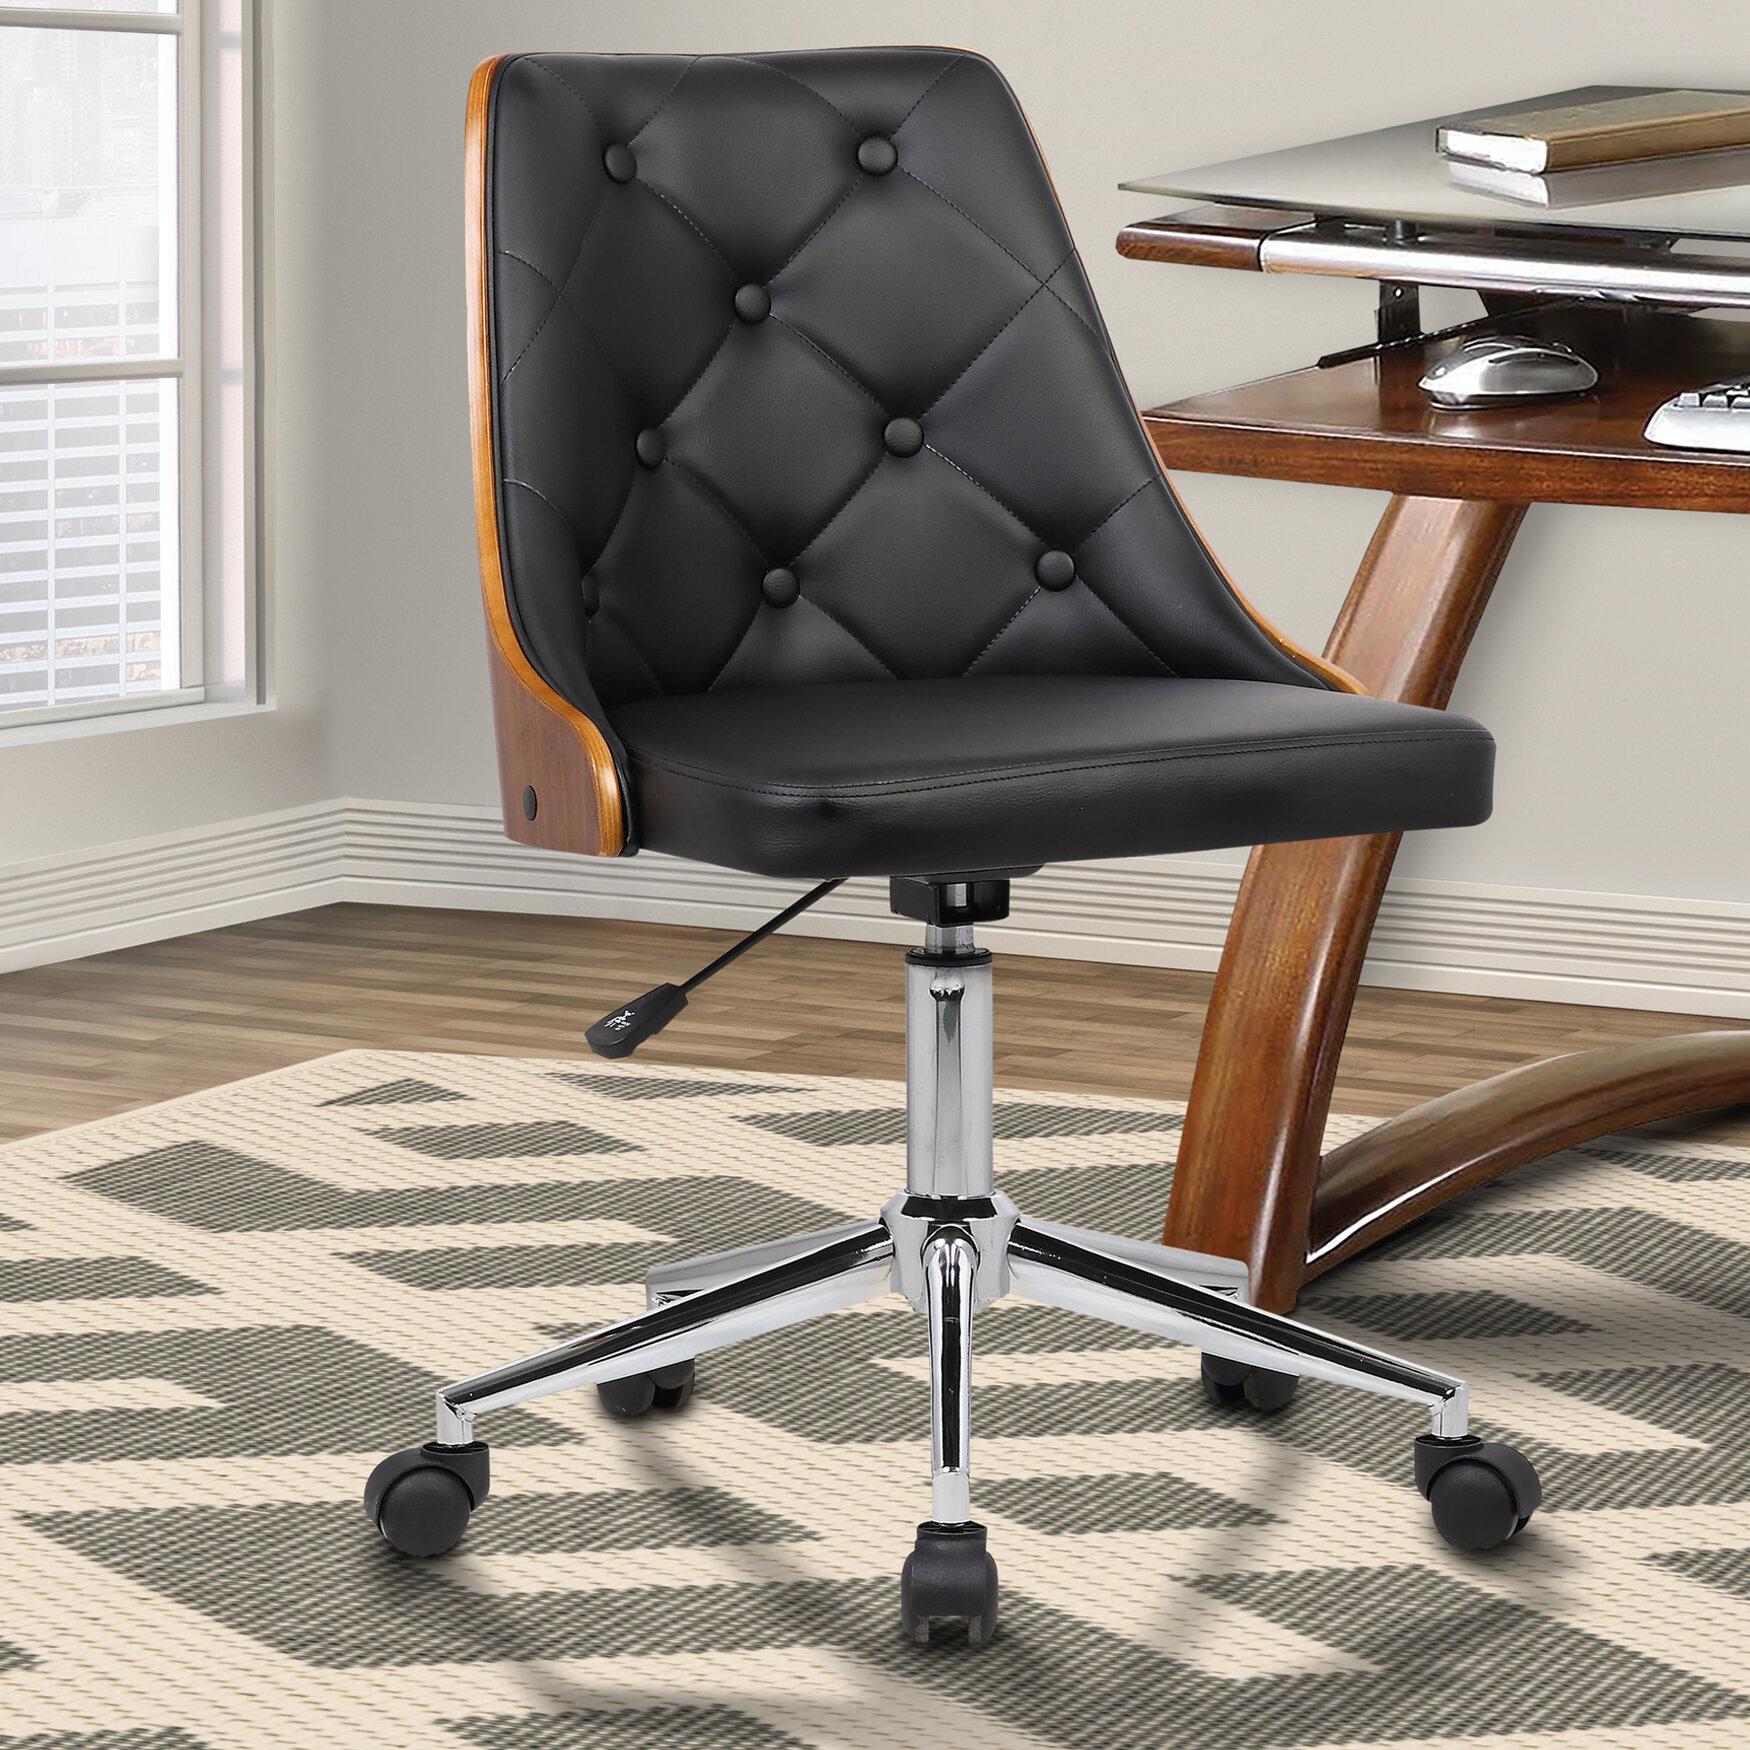 george oliver easthampton mid century desk chair reviews wayfair rh wayfair com mid century desk chair for sale mid century desk chair amazon